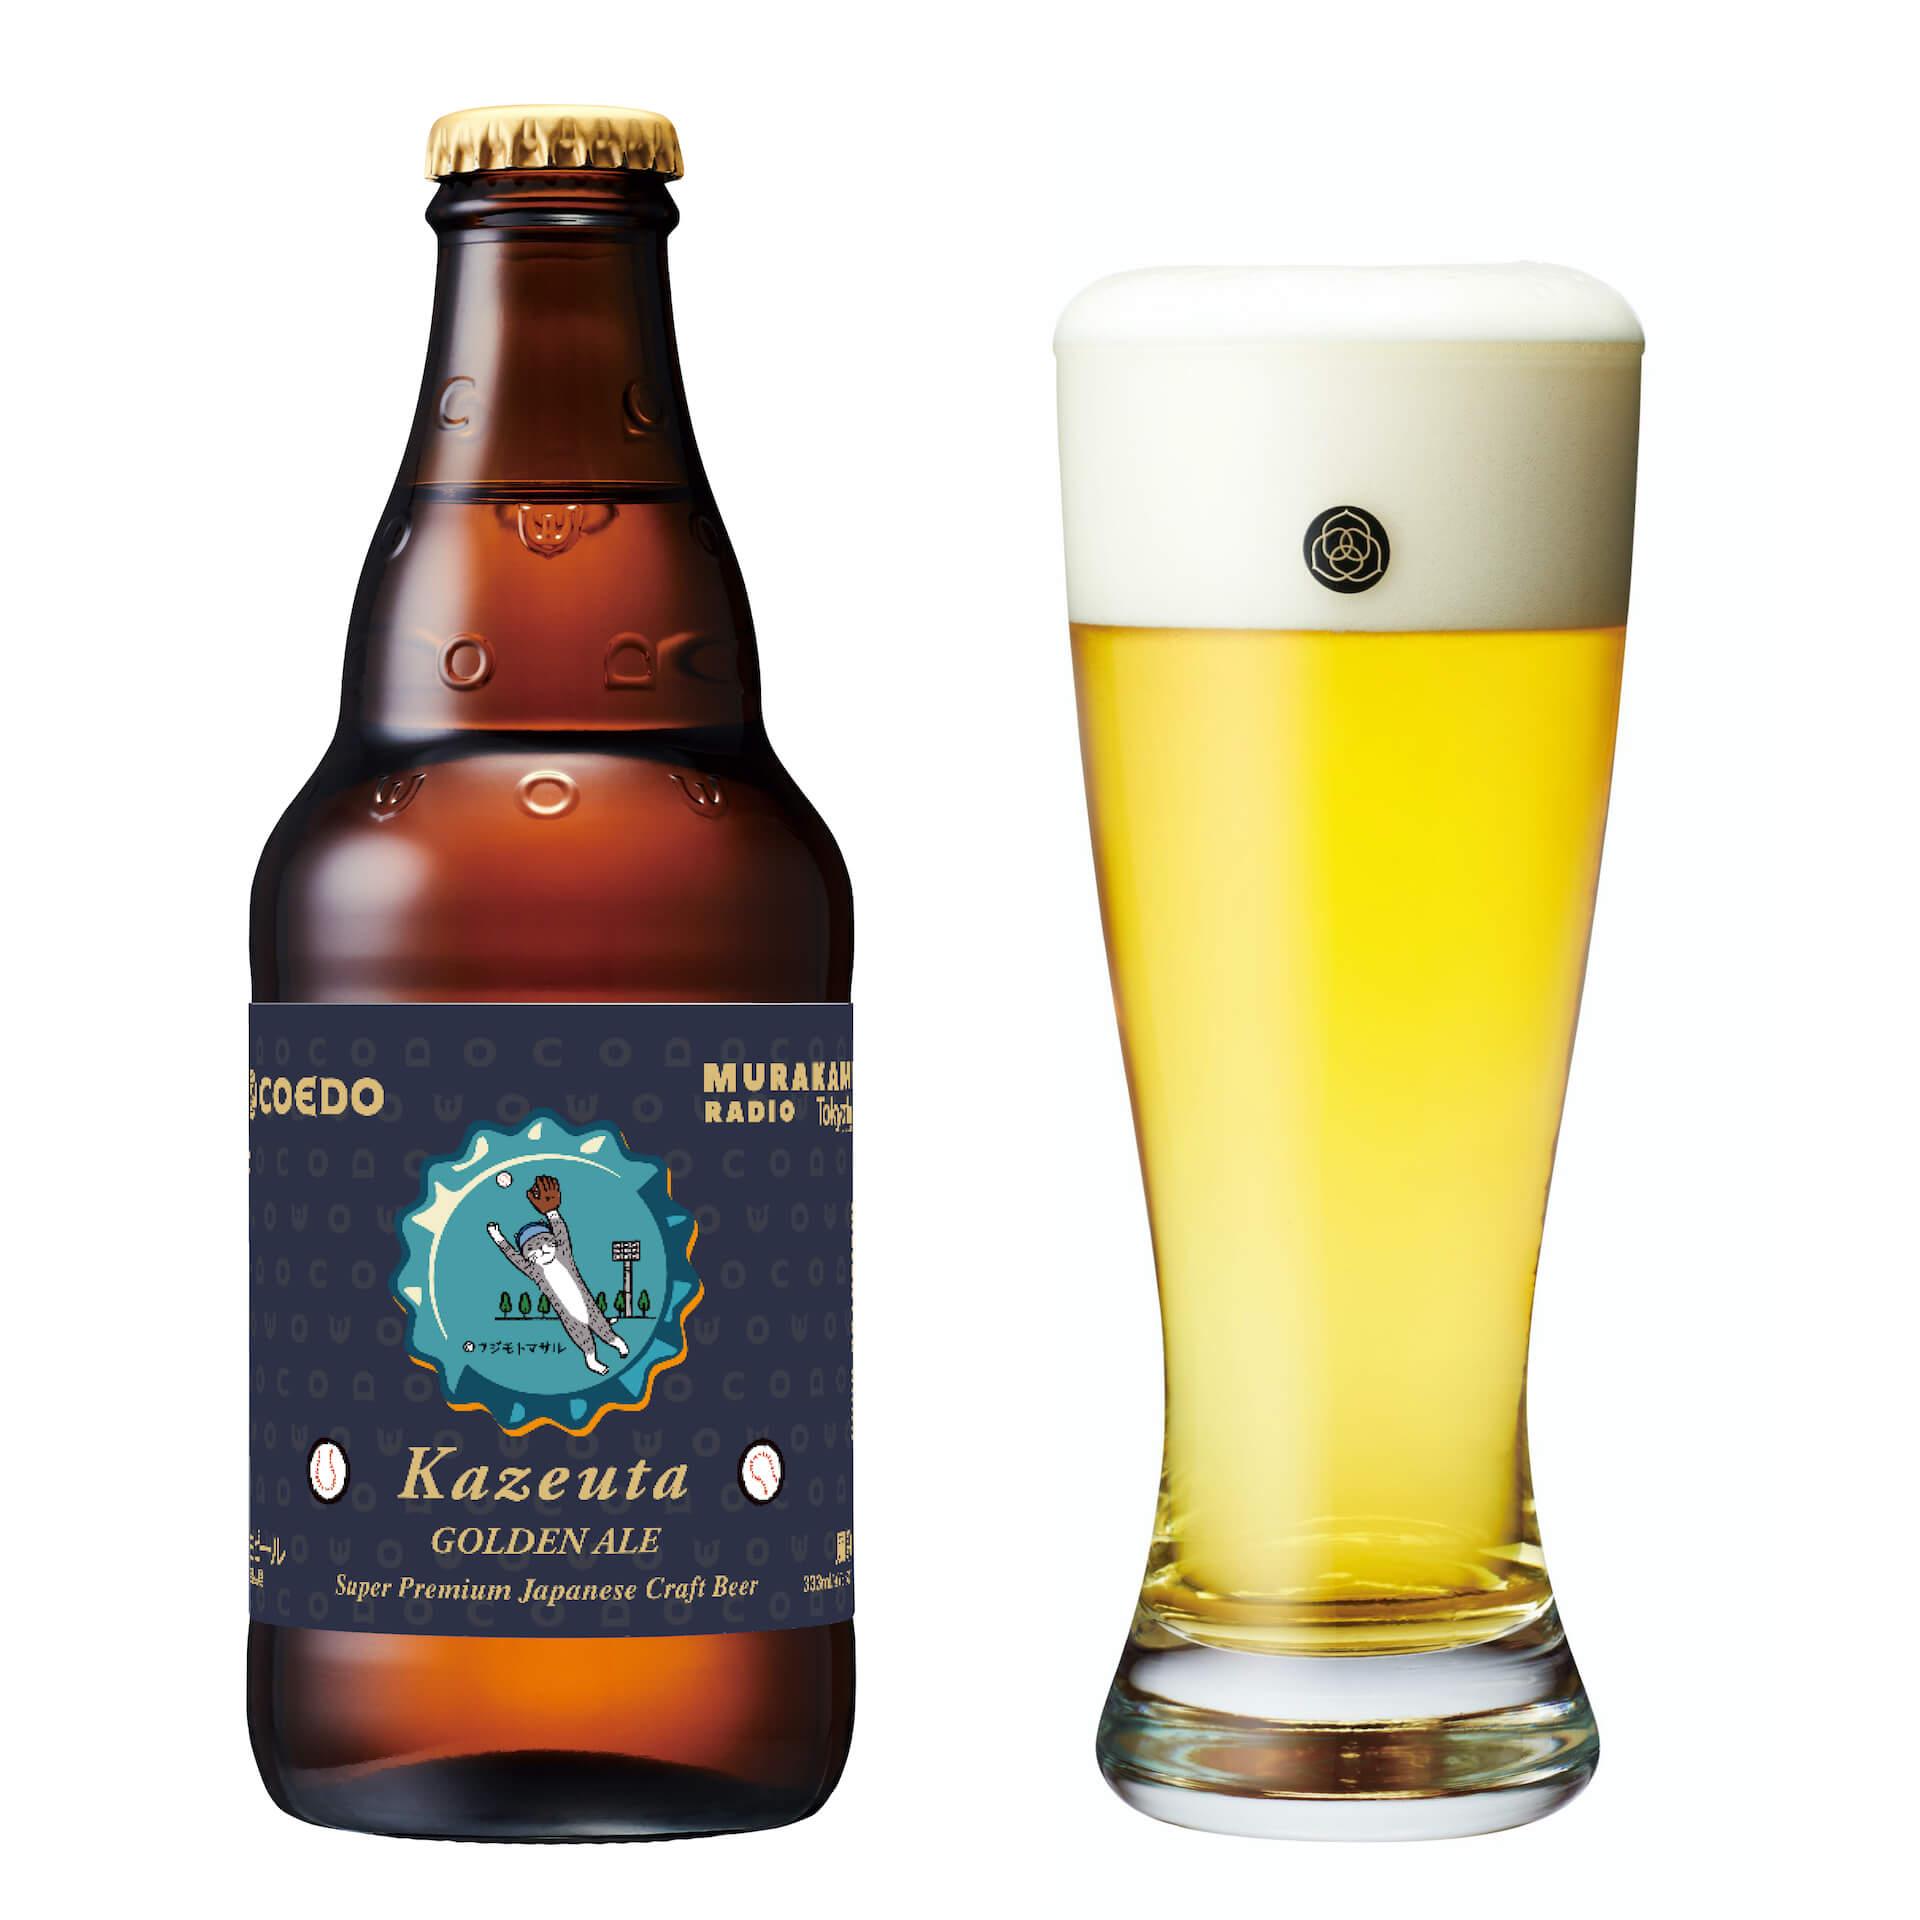 村上春樹とCOEDOのコラボレーションビール『風歌-Kazeuta-』『闇黒-Yamikuro-』が数量限定で予約販売開始! gourmet210927_koedo_harukimurakami_01